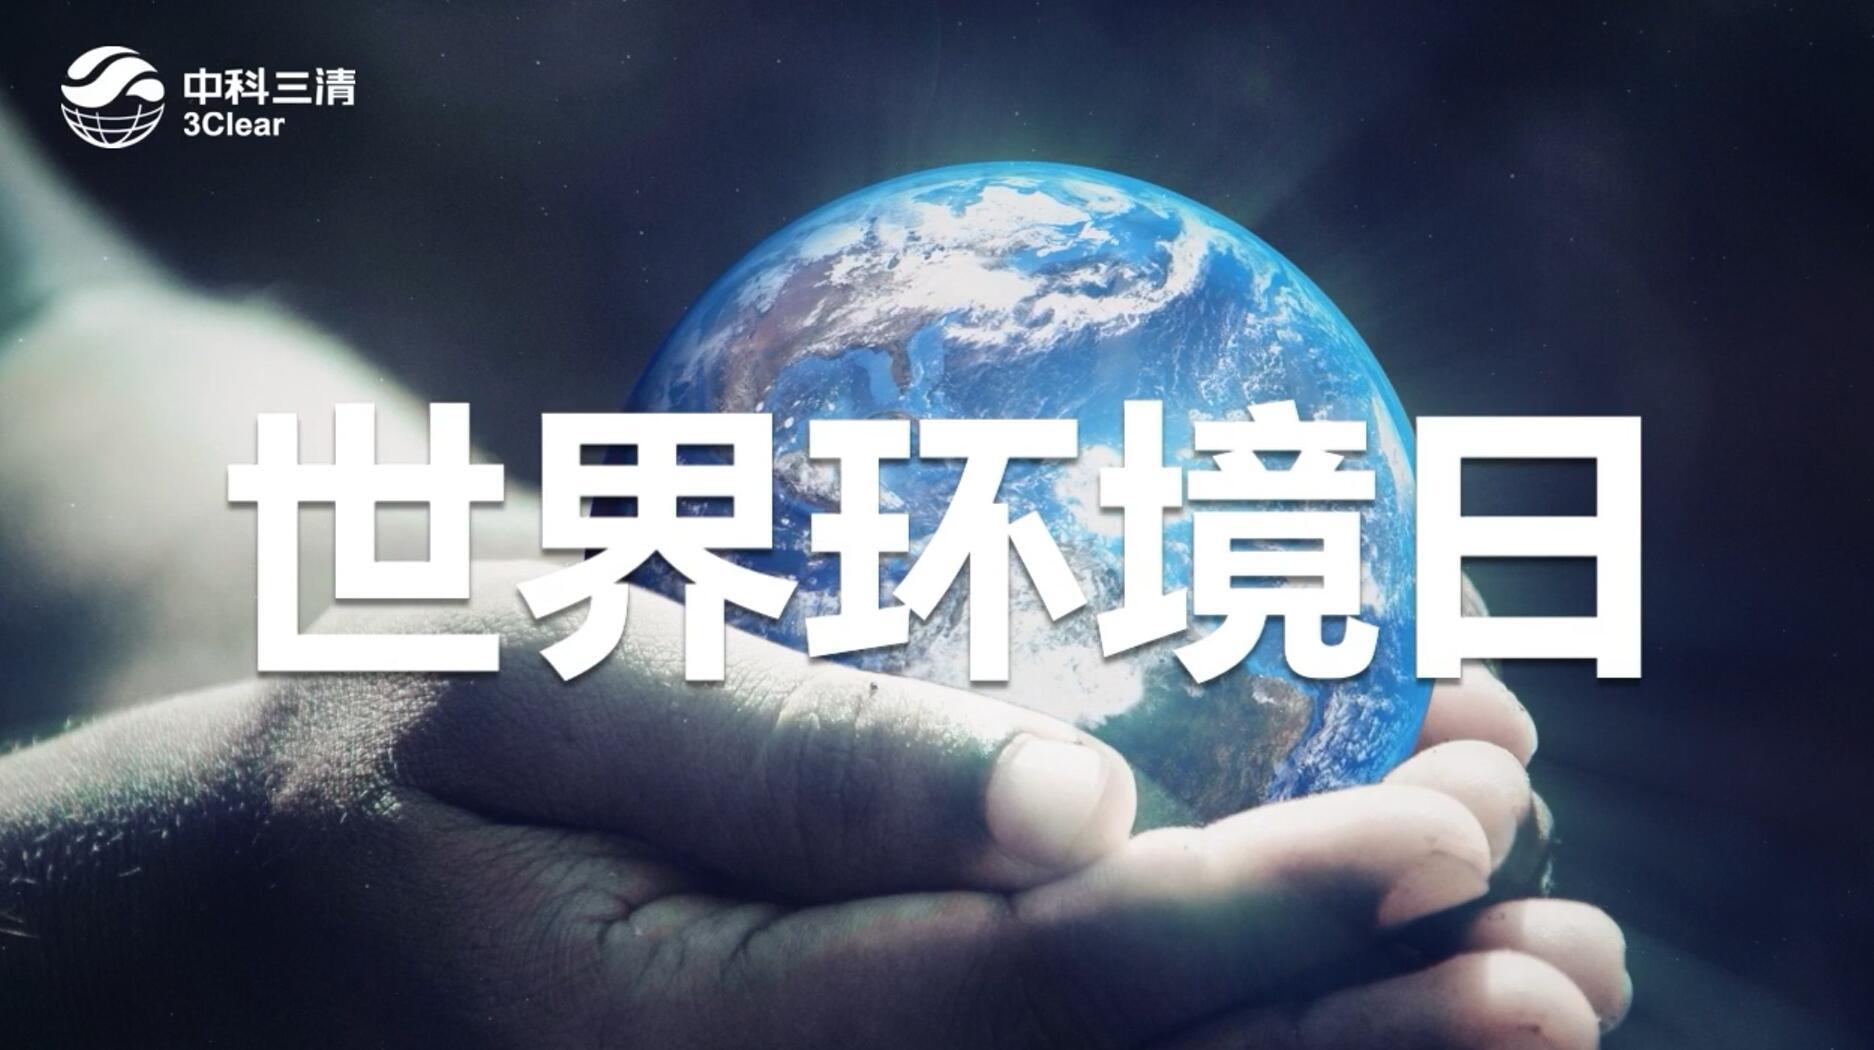 2020年世界环境日,中科三清在行动